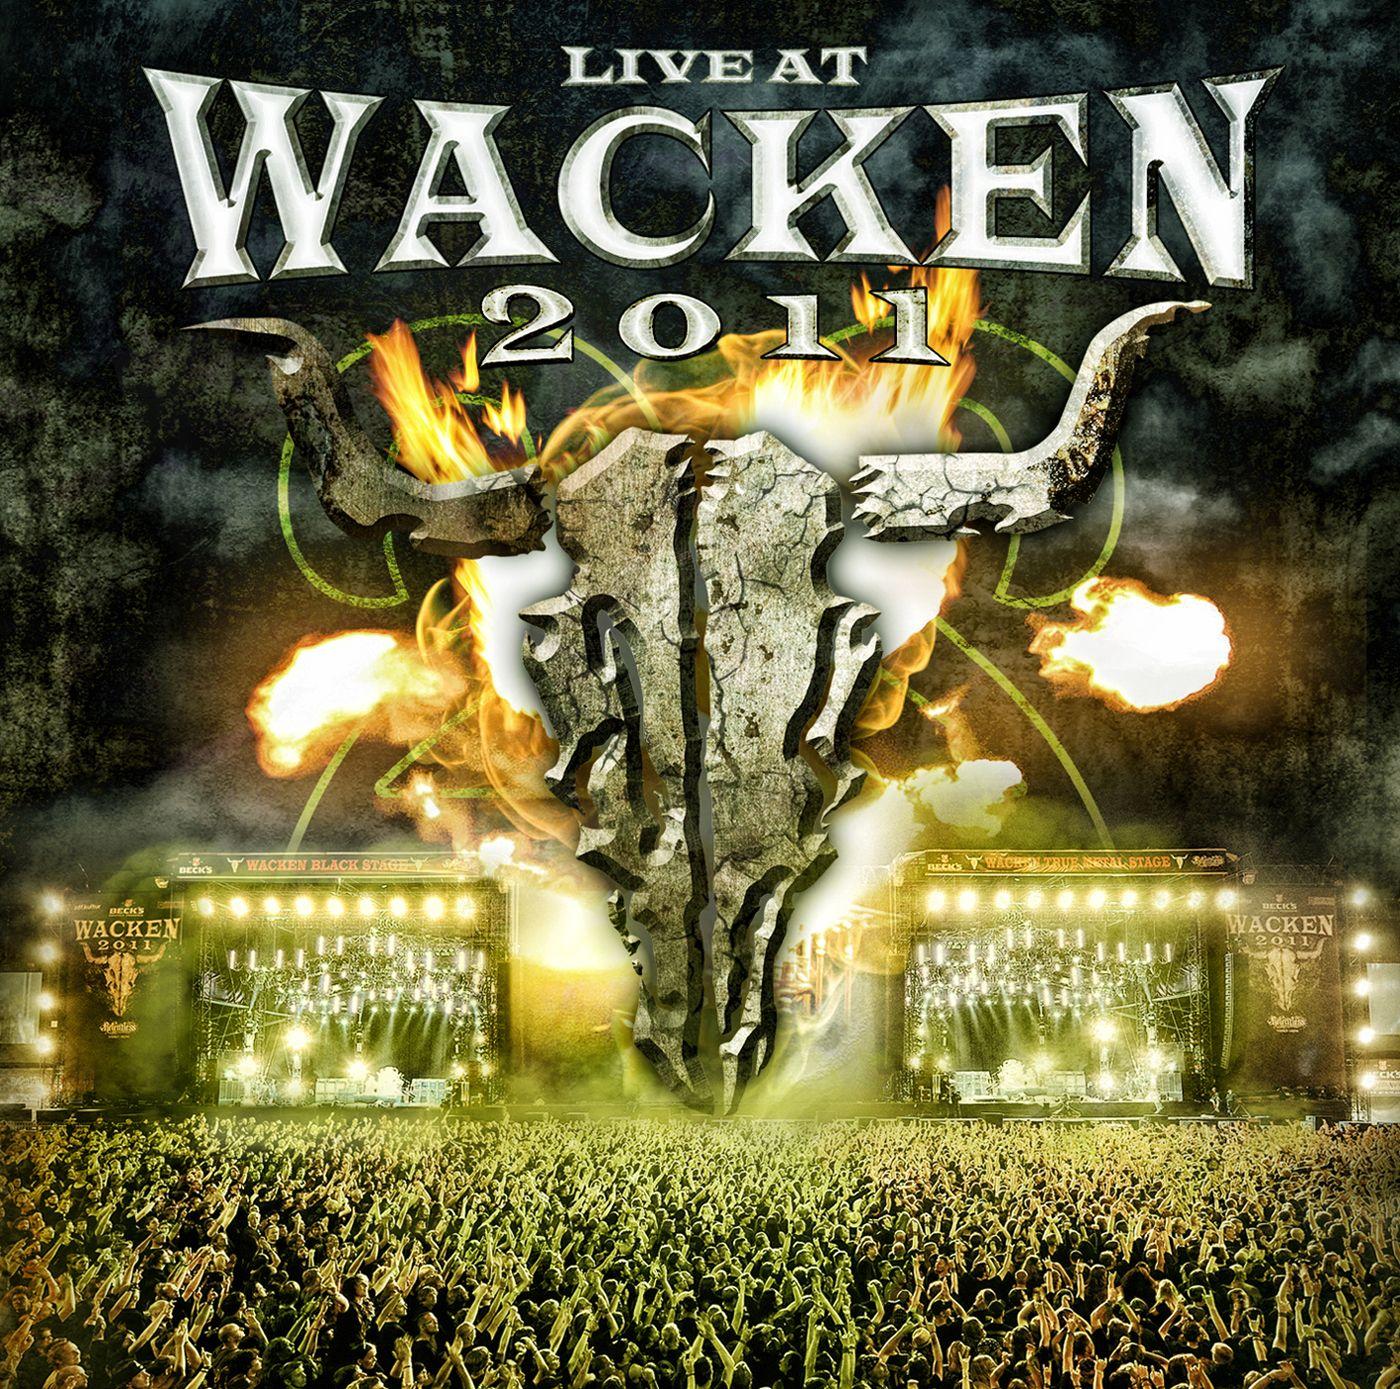 CD: WACKEN 2011 - Live at Wacken Open Air EAN: 0090204636839